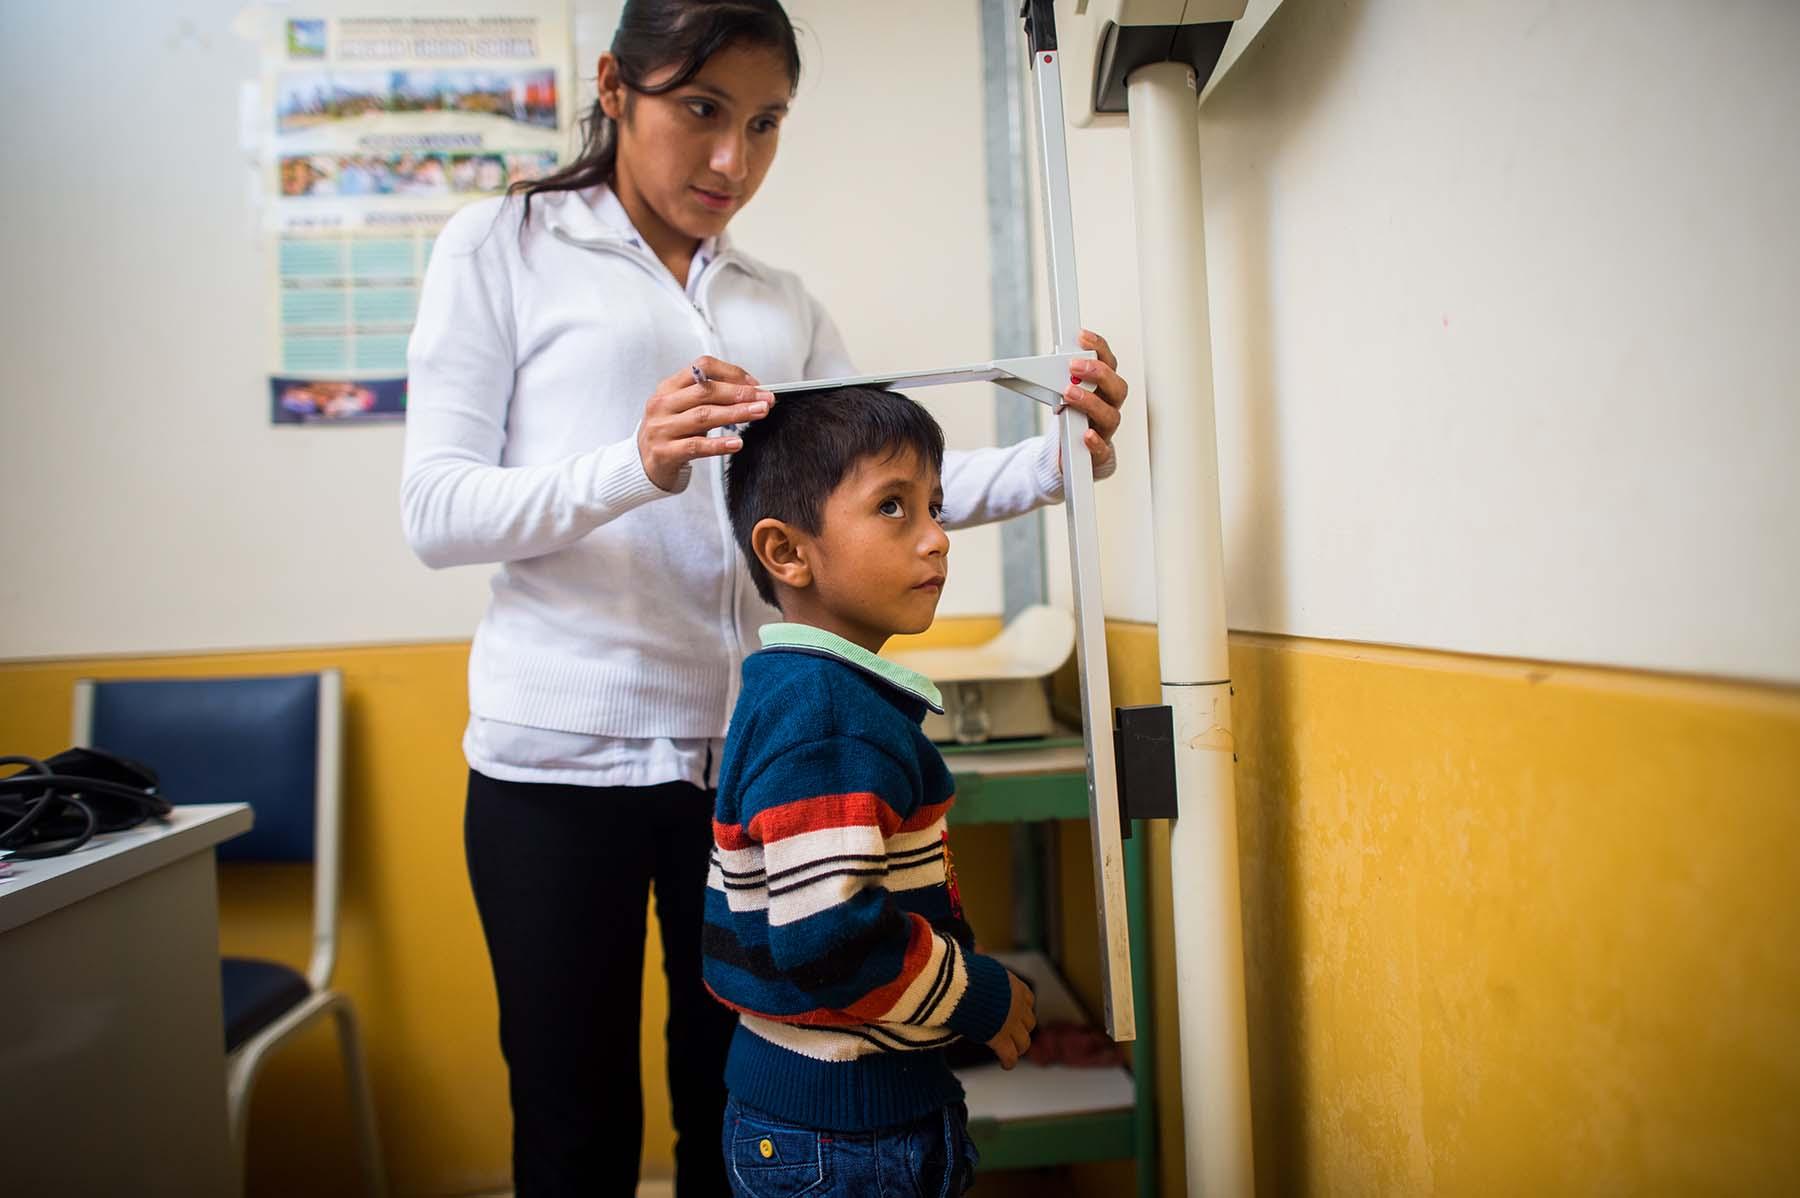 照片中当地卫生所的护士正在为一位男孩测量身高,这也是常规体检的一部分。(秘鲁,阿科马约)